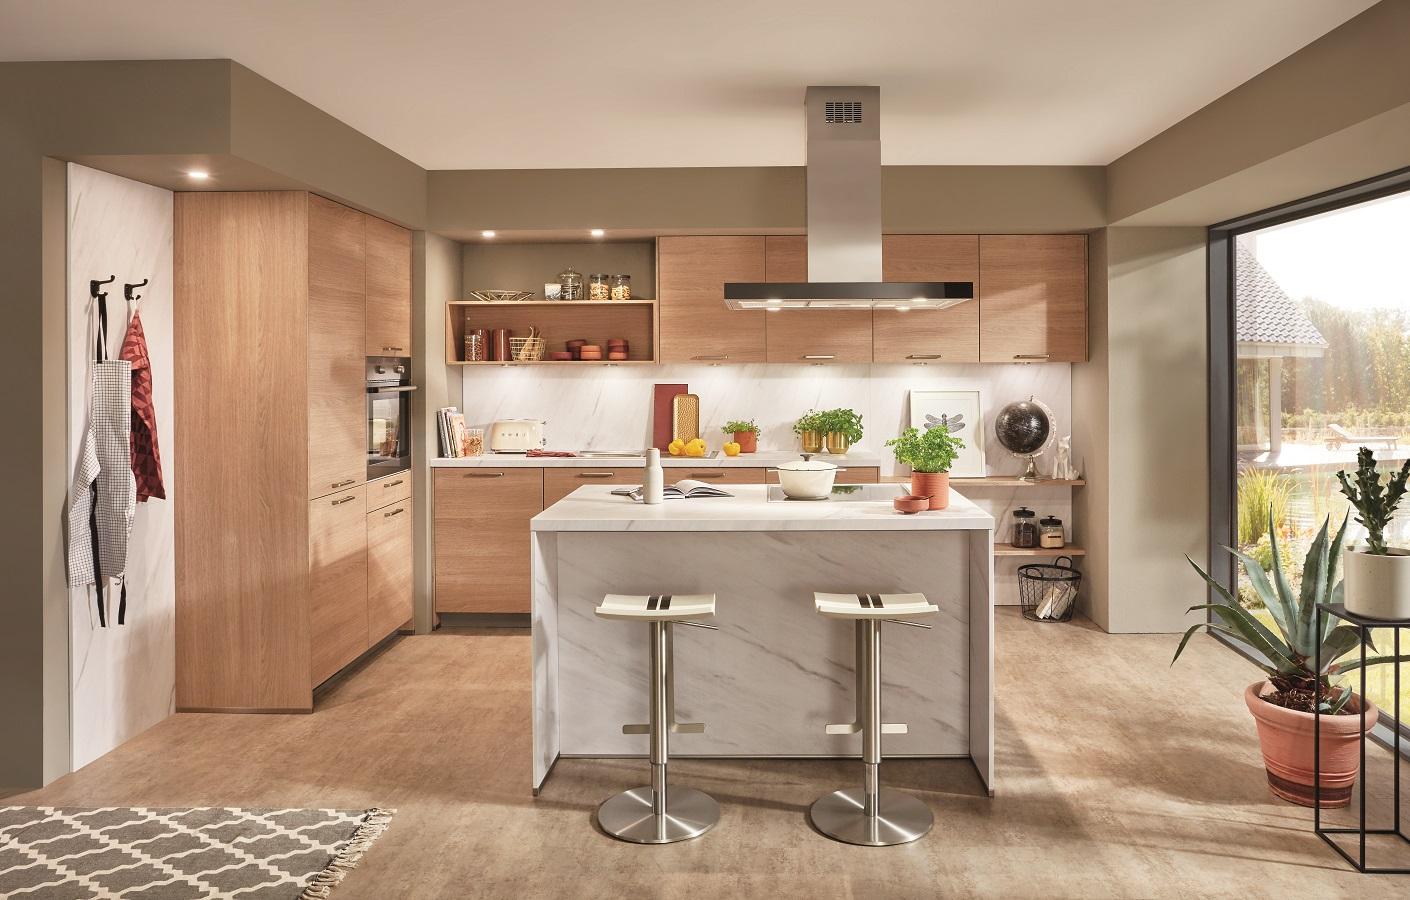 Full Size of Holzkchen Ms Einbaukchen So Wird Ihre Kche Zum Wohlfhlort Wohnzimmer Holzküchen